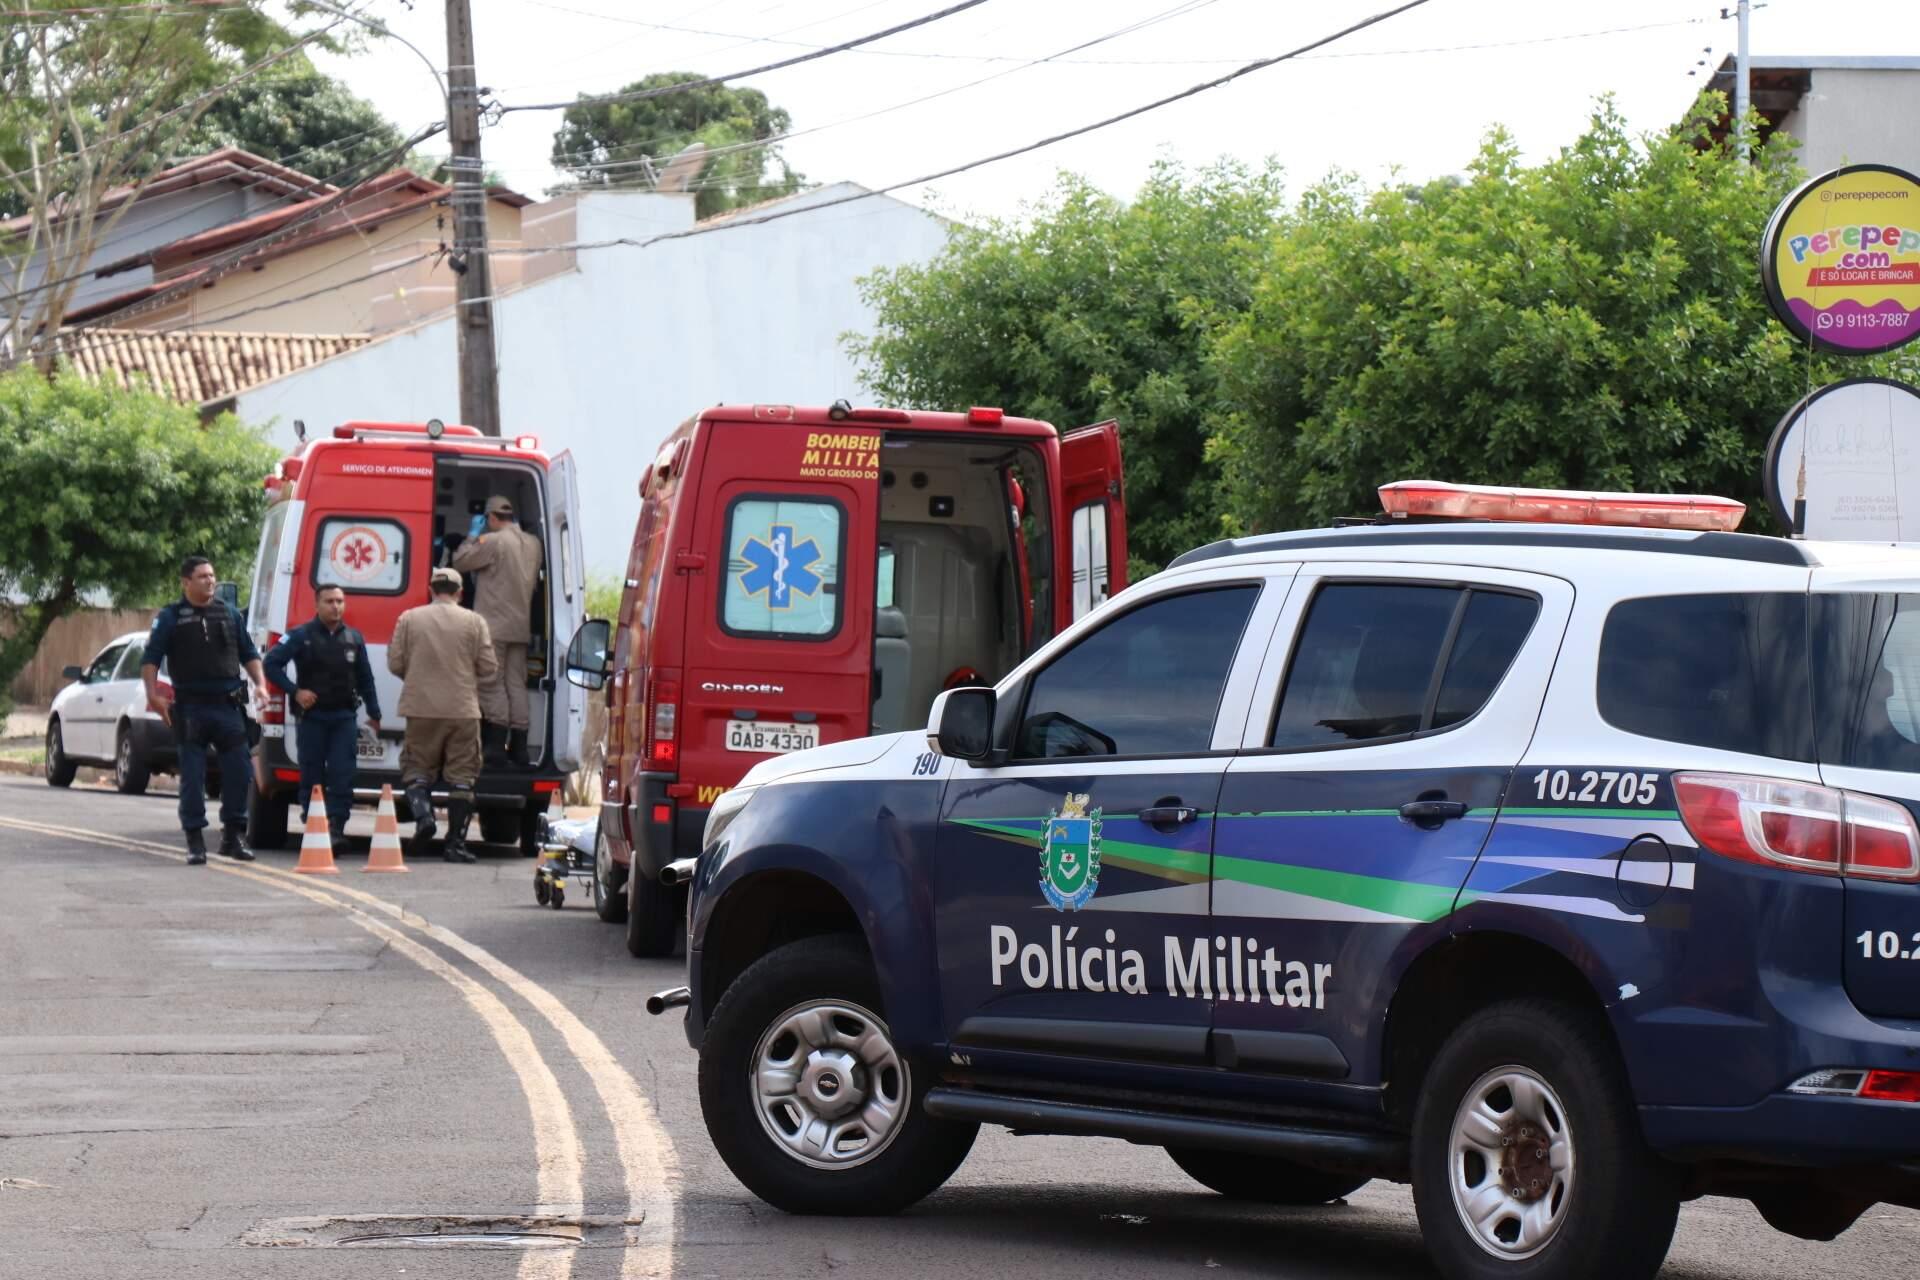 Viaturas da PM e dos bombeiros no local do crime. (Foto: Arquivo/Campo Grande News)